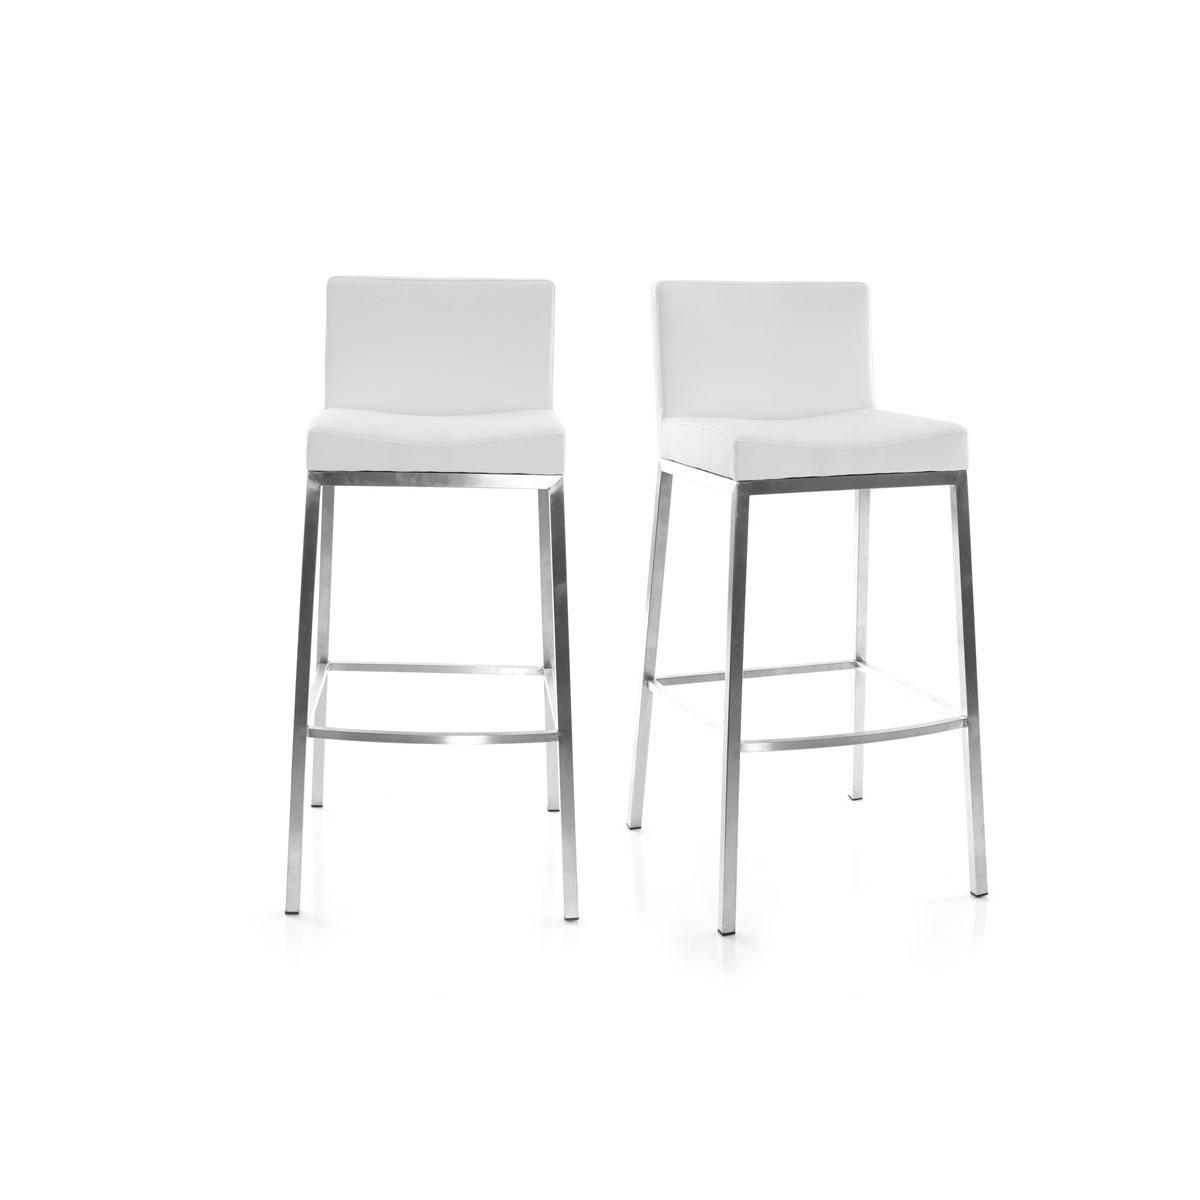 Lote de 2 taburetes diseño blanco Epsilon